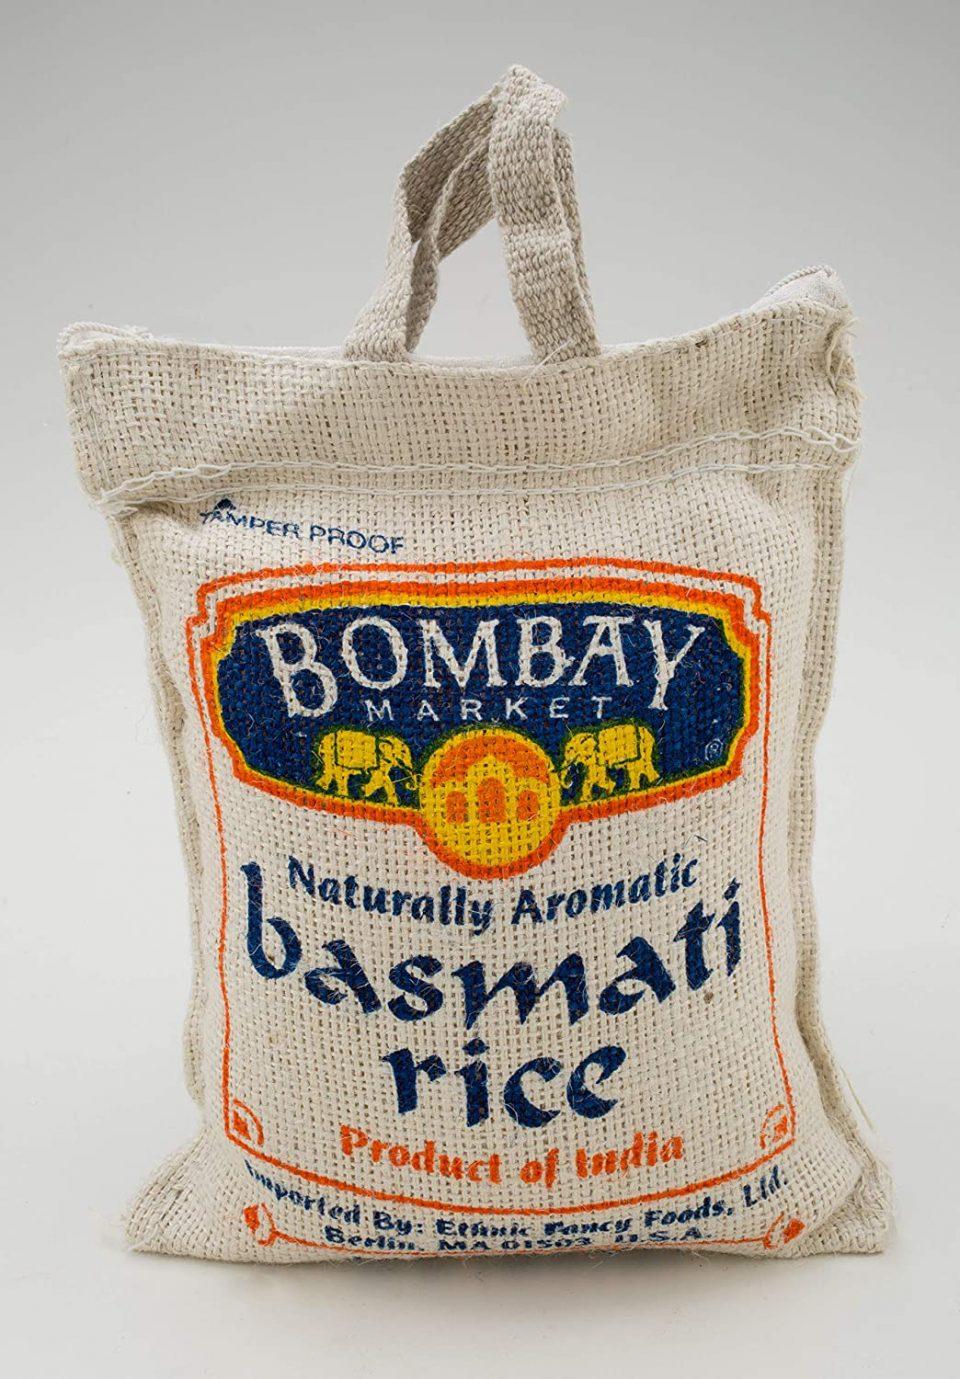 Bombay Market Basmati White Rice